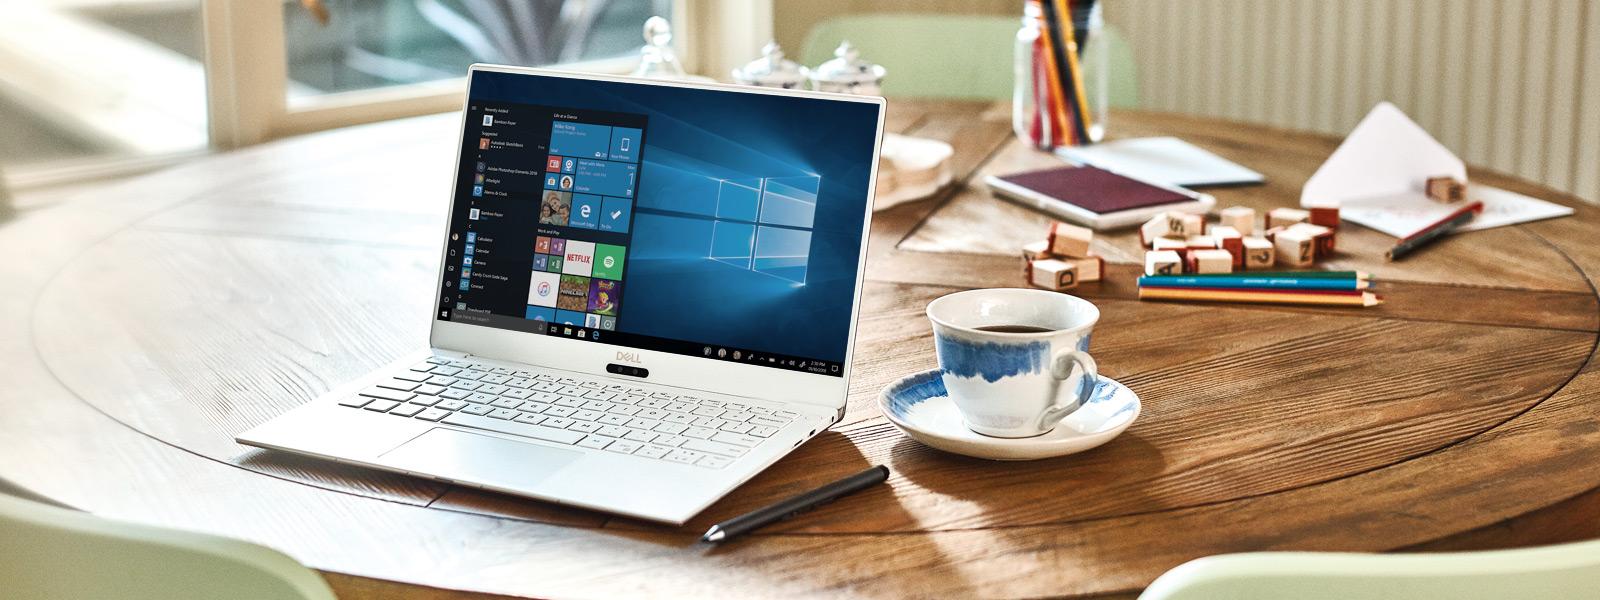 Dell XPS 13 9370 е отворен на маса със стартовия екран на Windows 10.